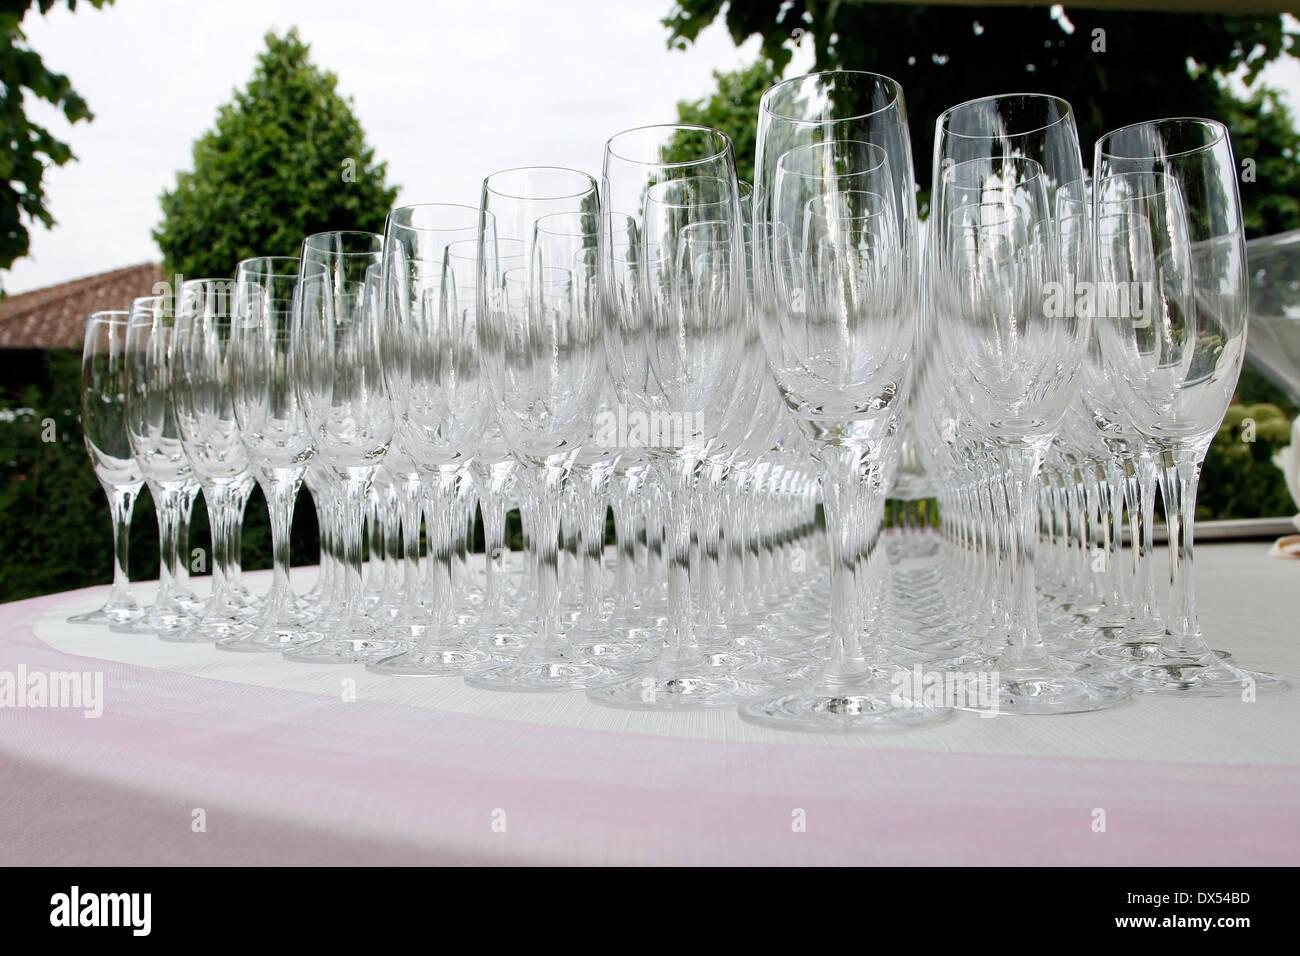 Verres à vin alignés sur une table Banque D'Images